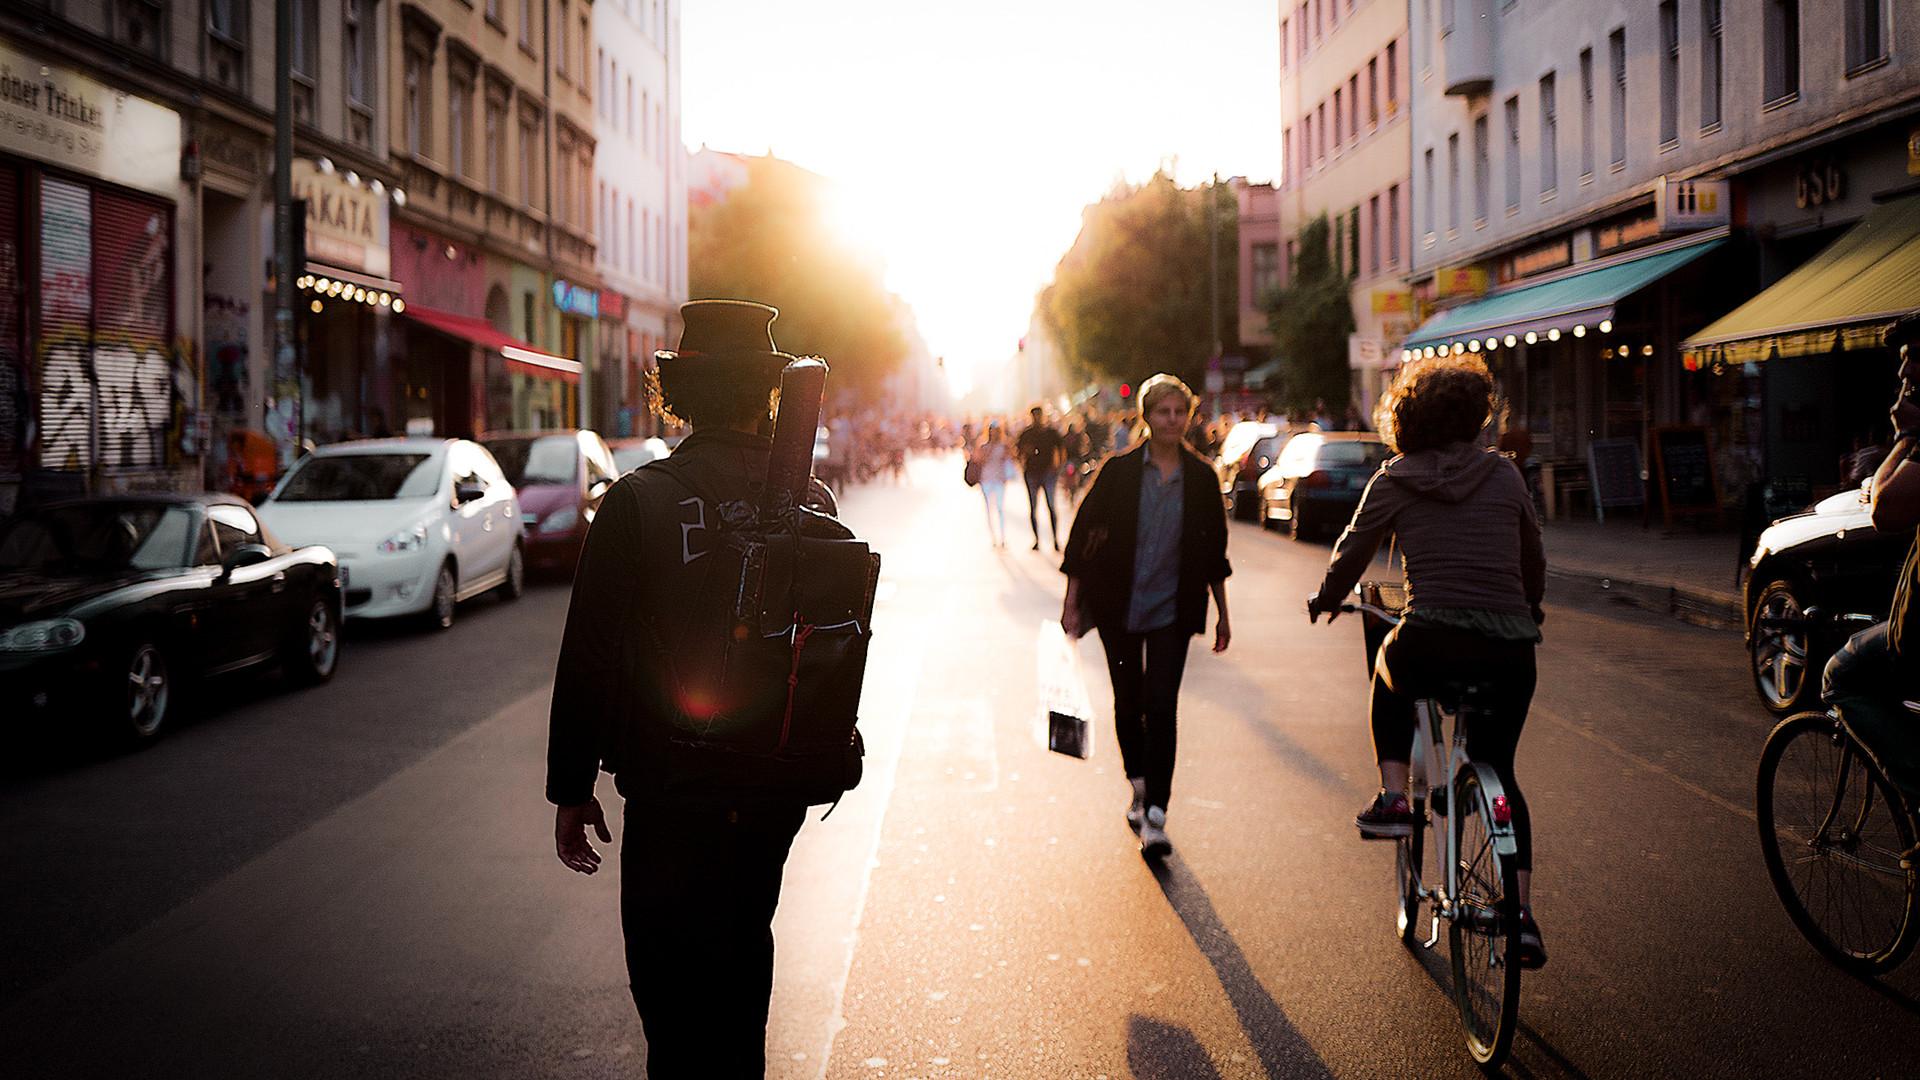 Borkeberlin, Berlin Kreuzberg